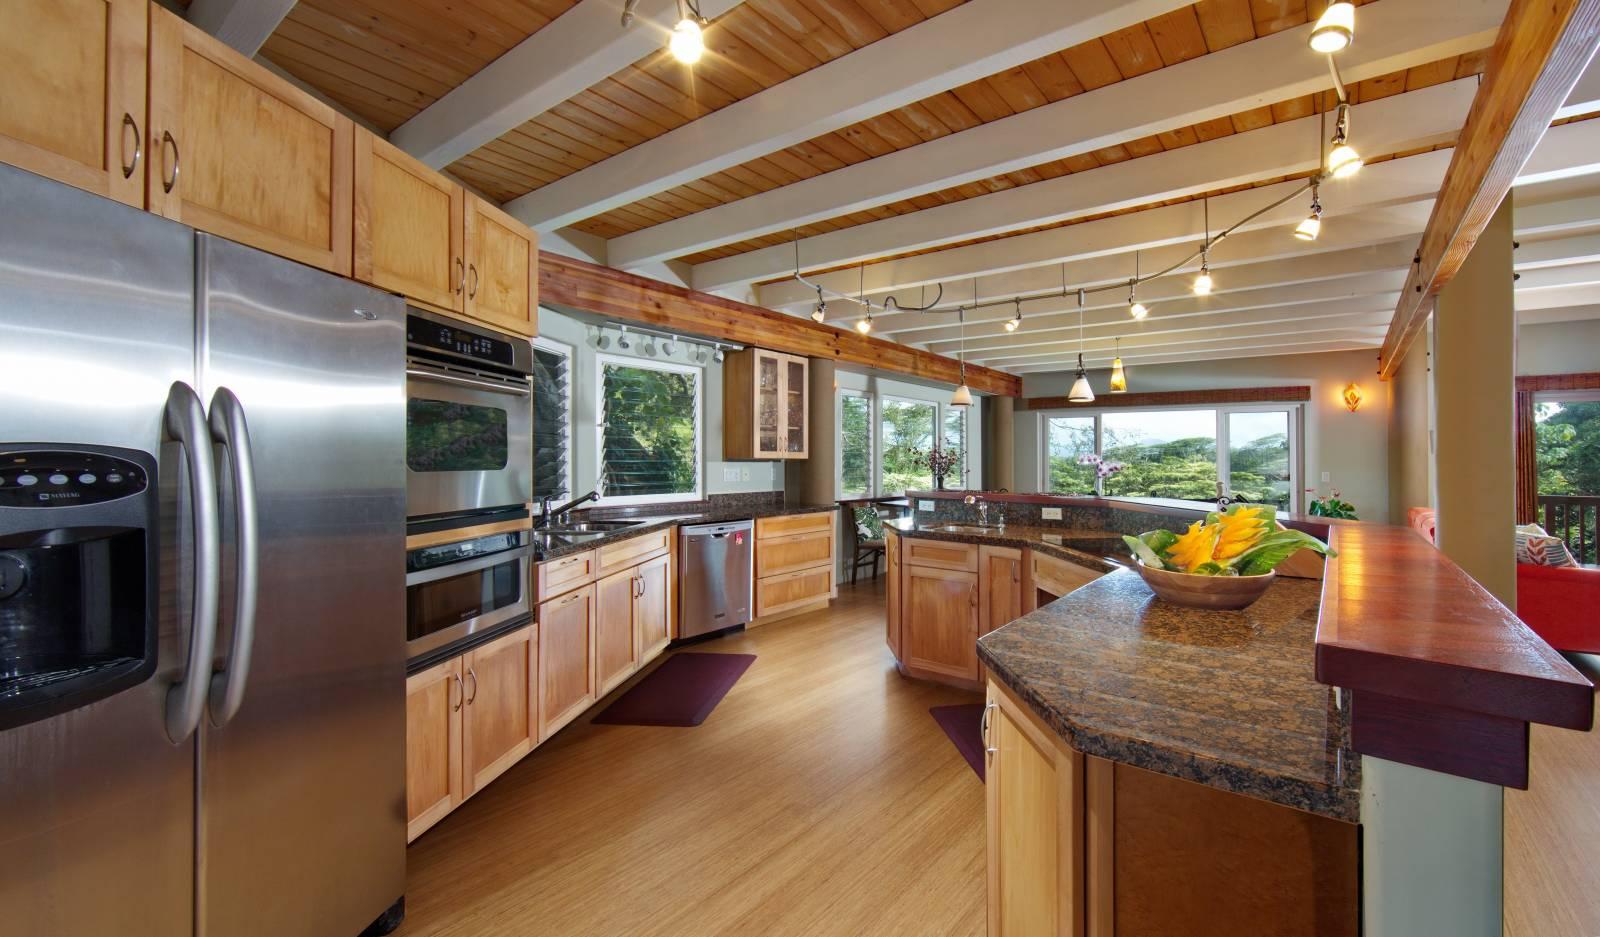 Kitchen at The Banyan House